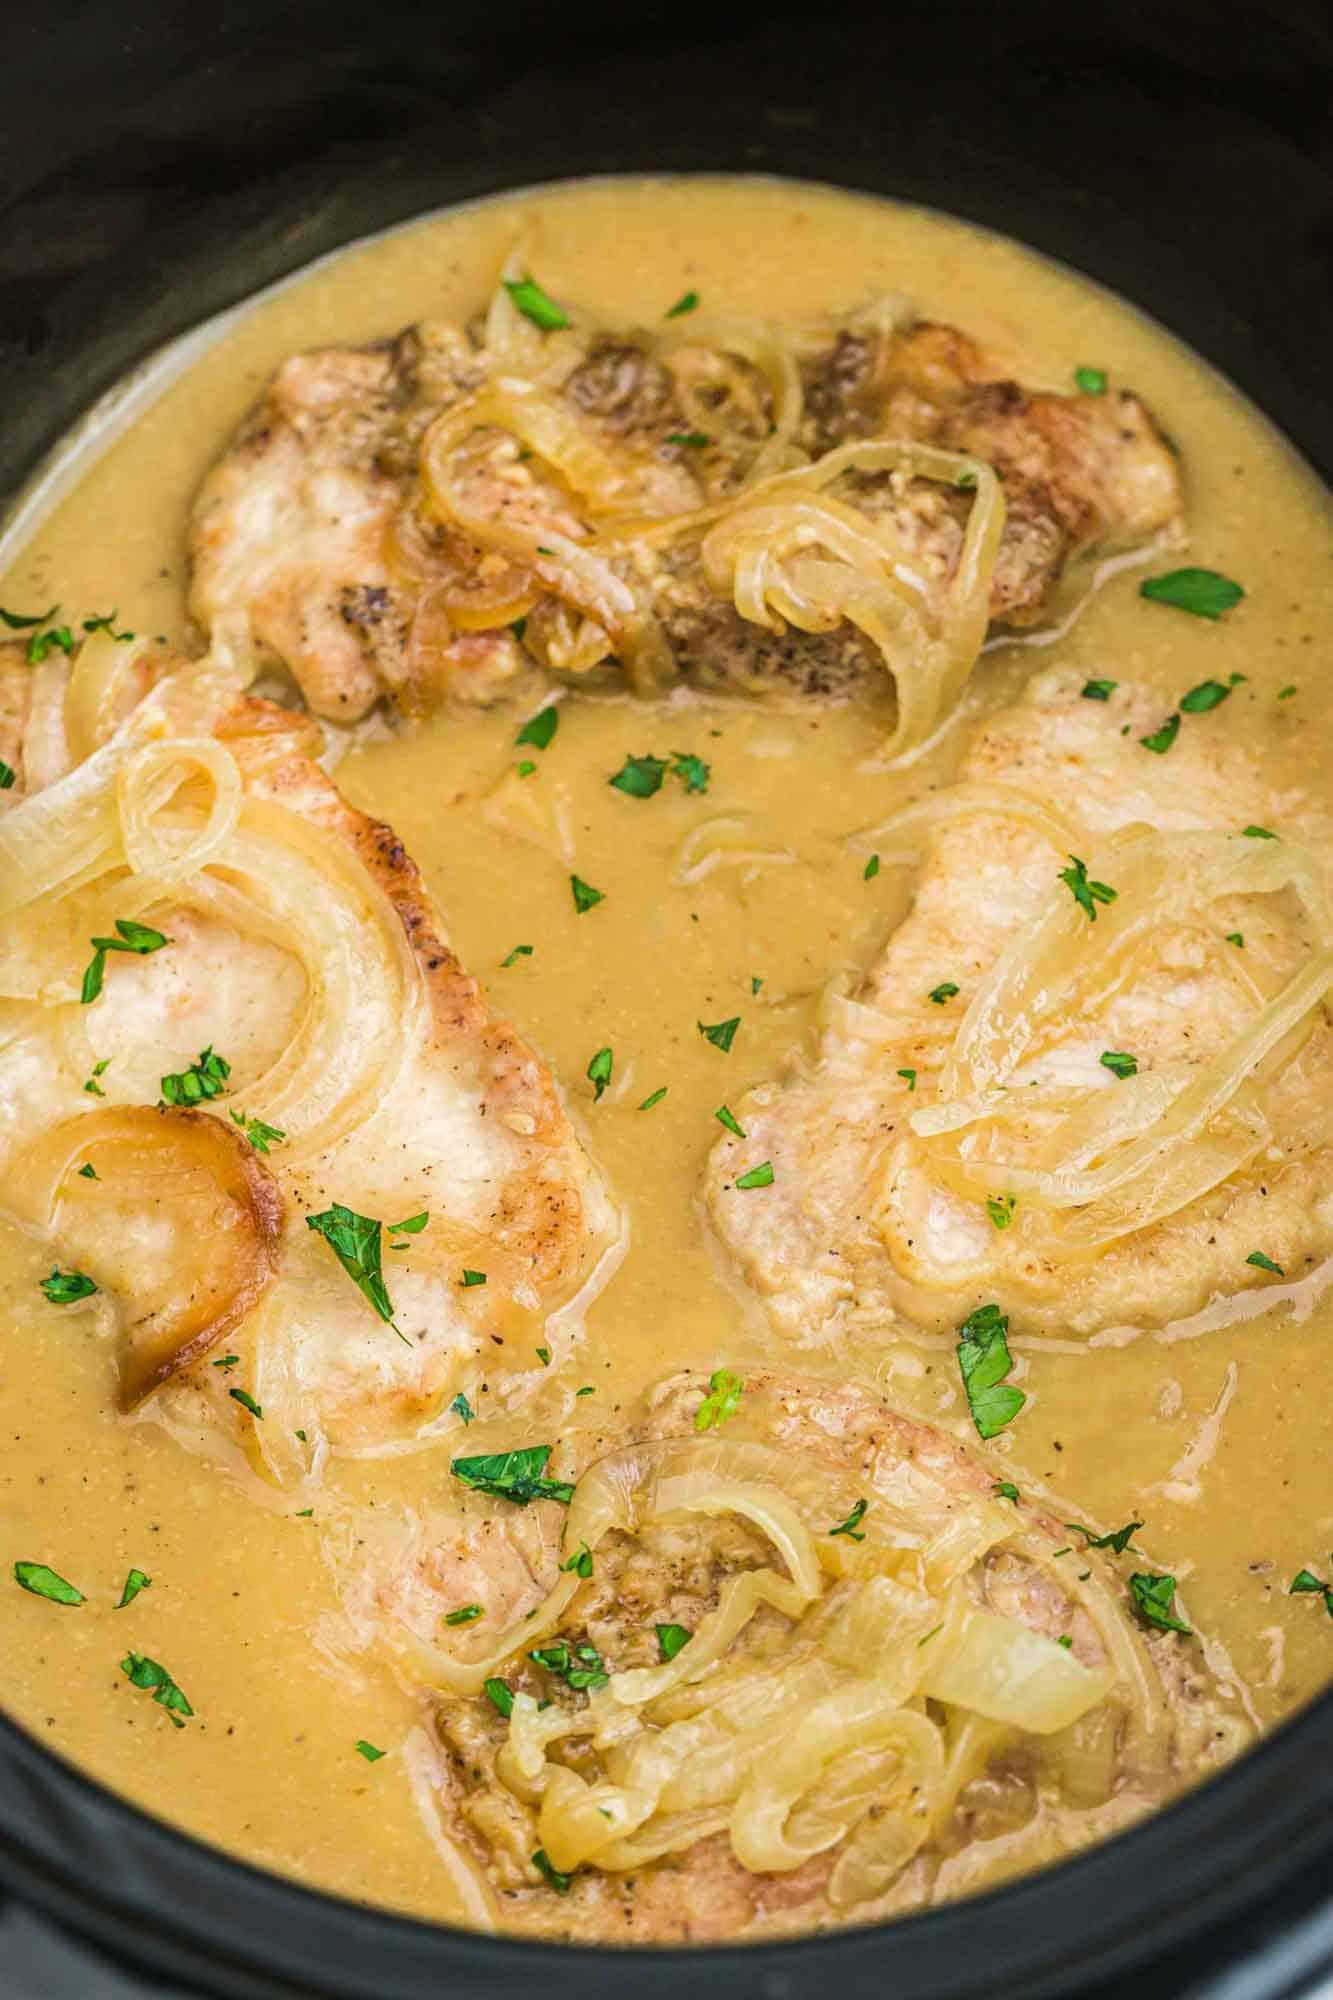 Pork chops in gravy in the crock pot